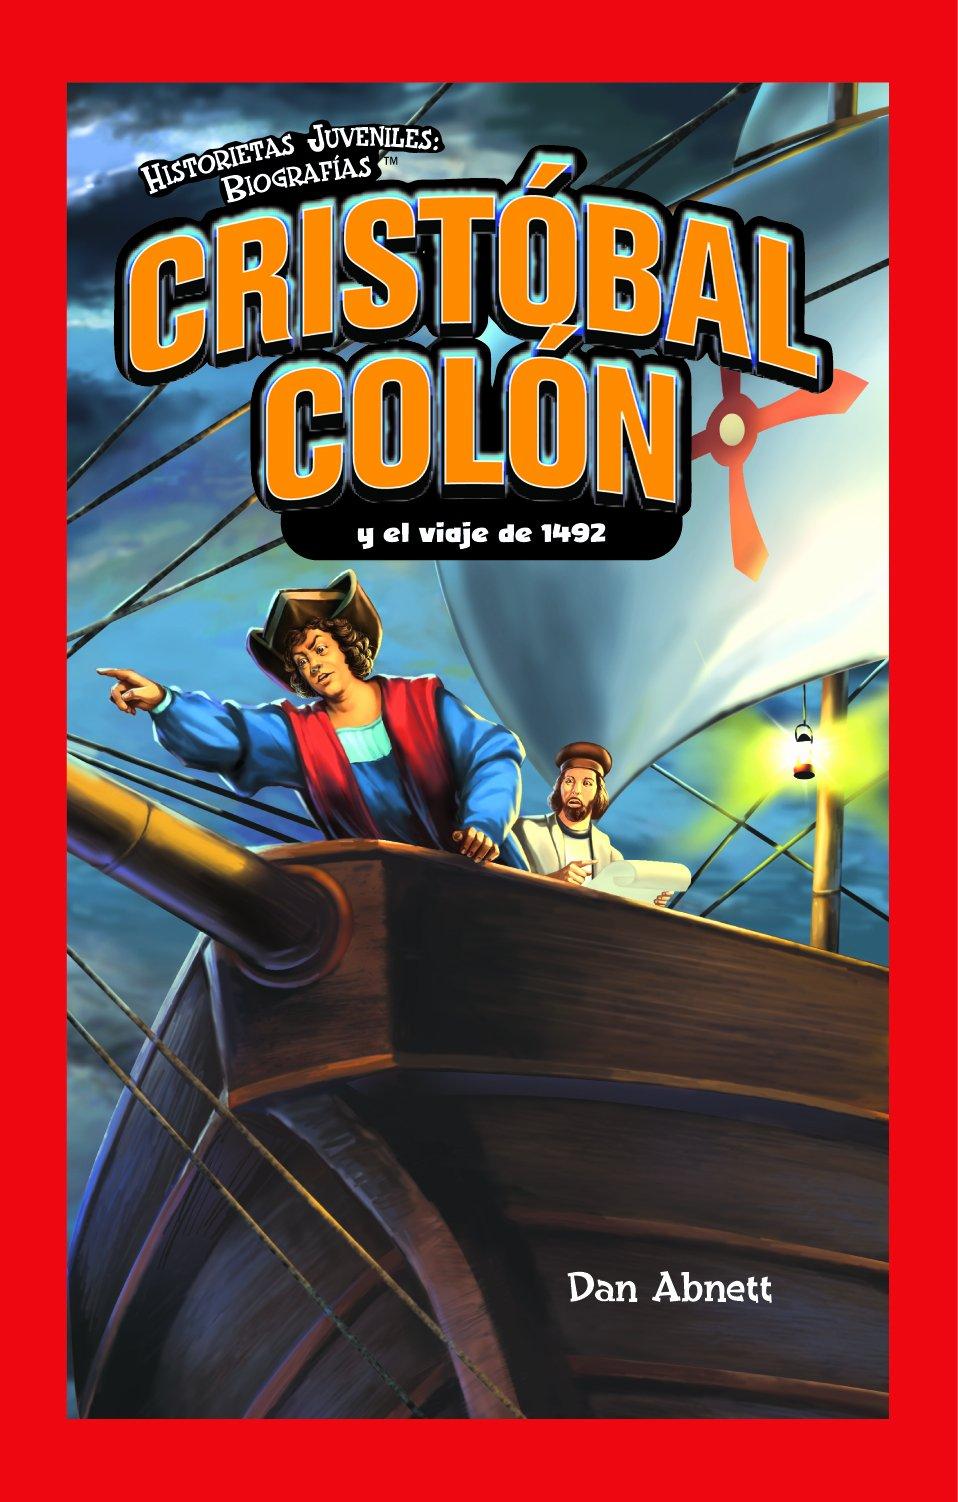 Cristóbal Colón y el viaje de 1942